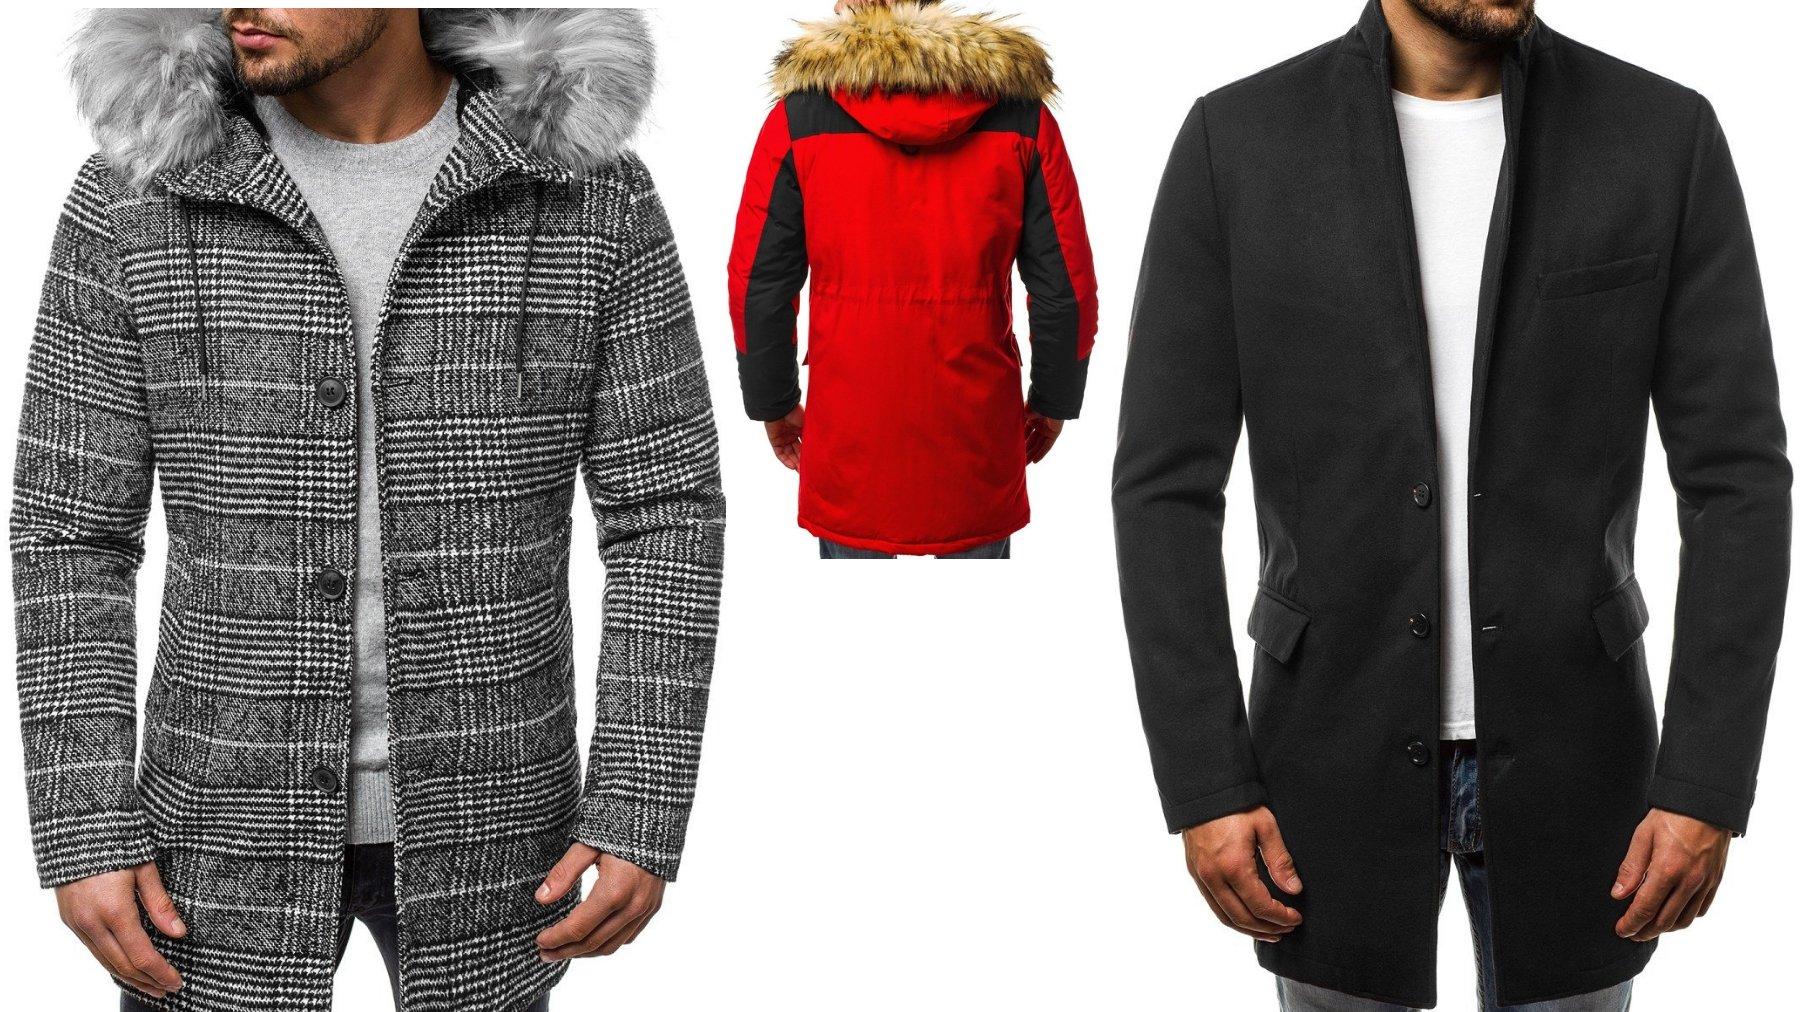 Płaszcze i kurtki zimowe